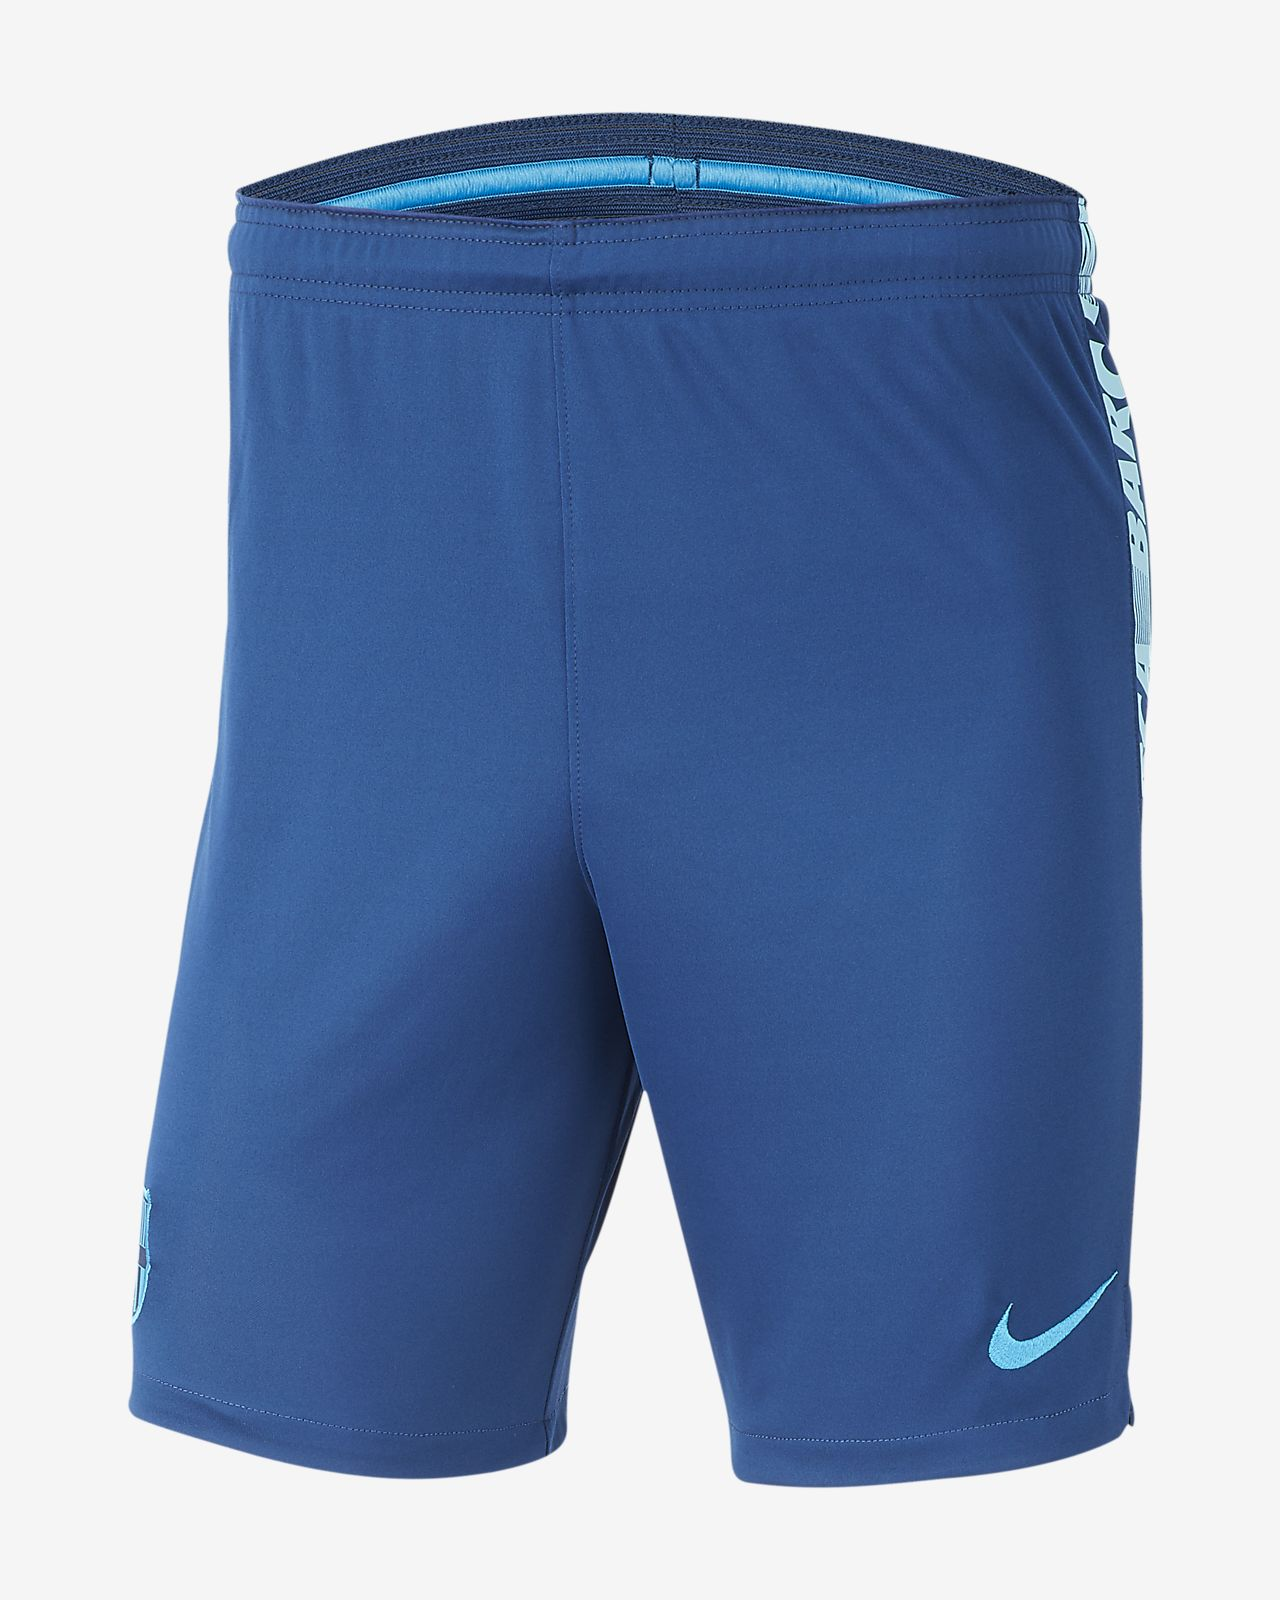 7fa151c382 Calções de futebol FC Barcelona Dri-FIT Squad para homem. Nike.com PT